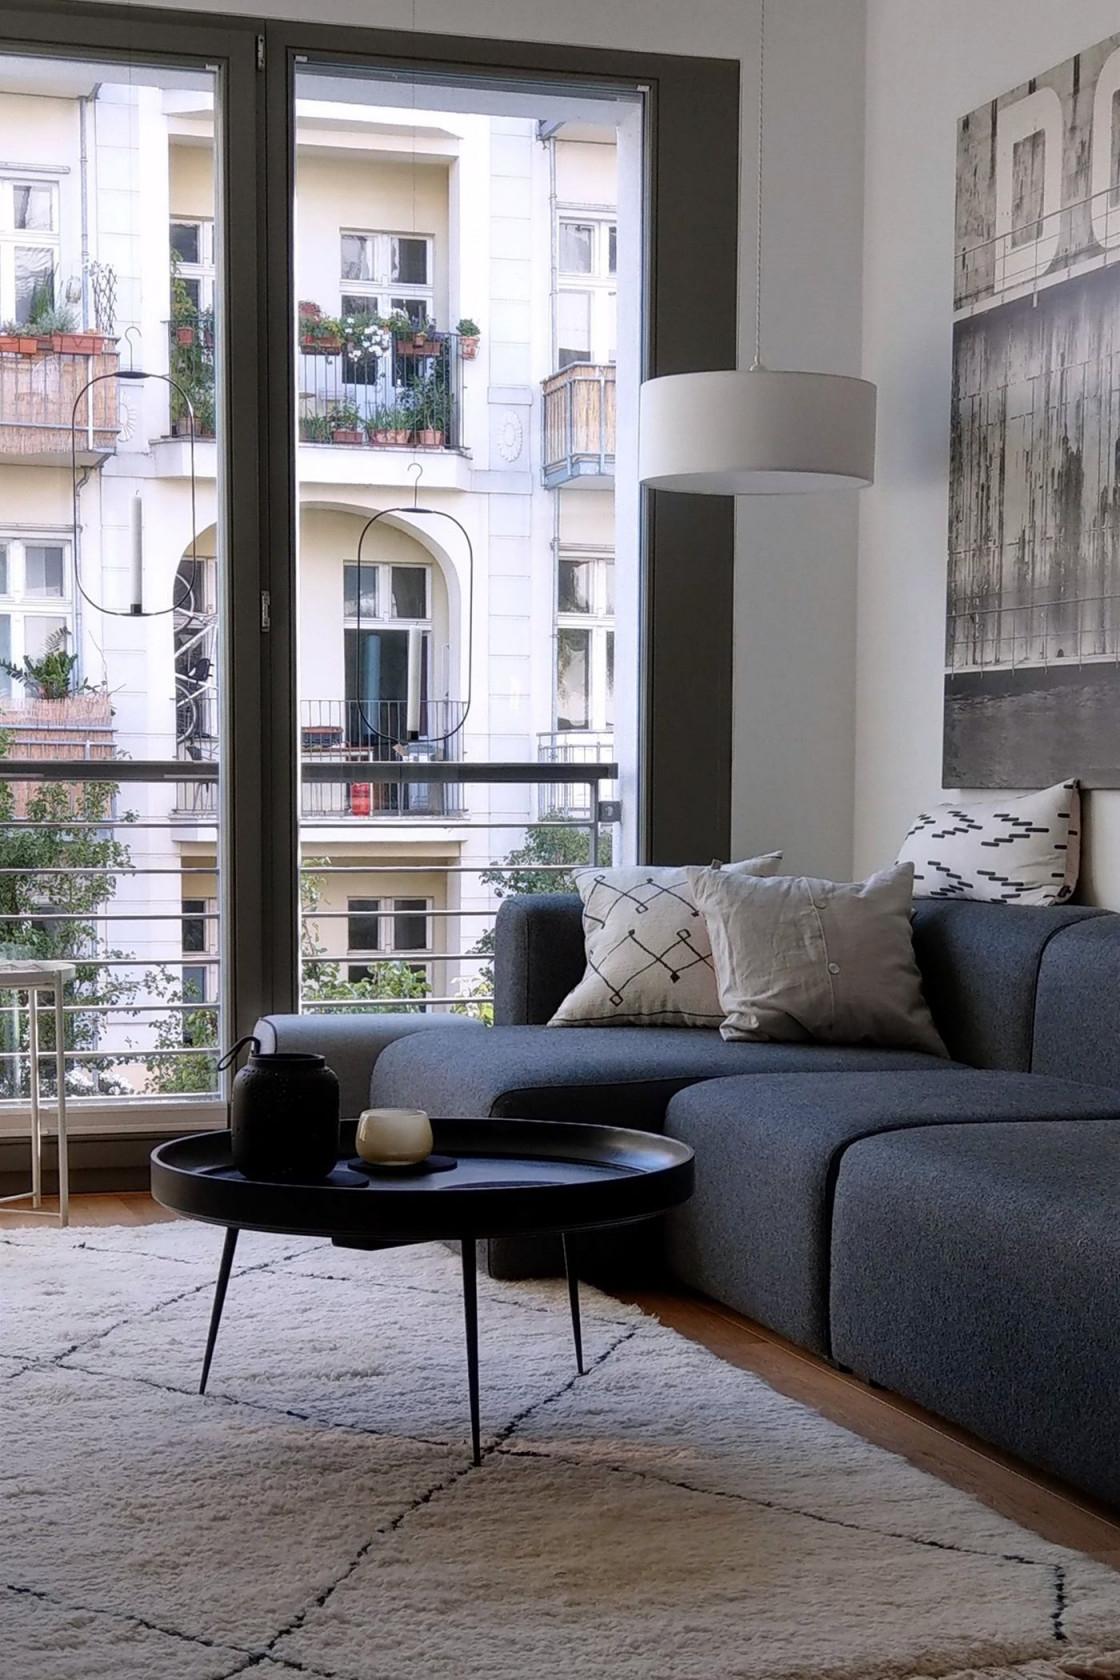 Wohnzimmer Die Schönsten Ideen von Wohnzimmer Schön Einrichten Bild